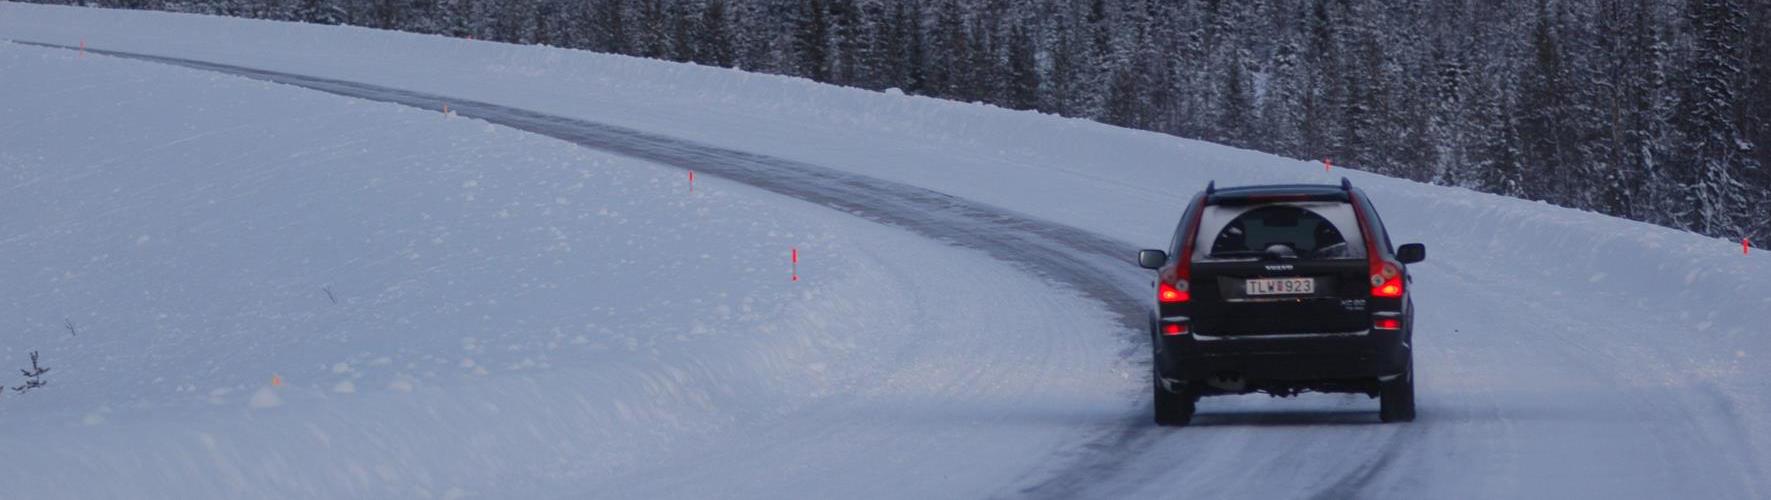 Consejos para conducir en la nieve